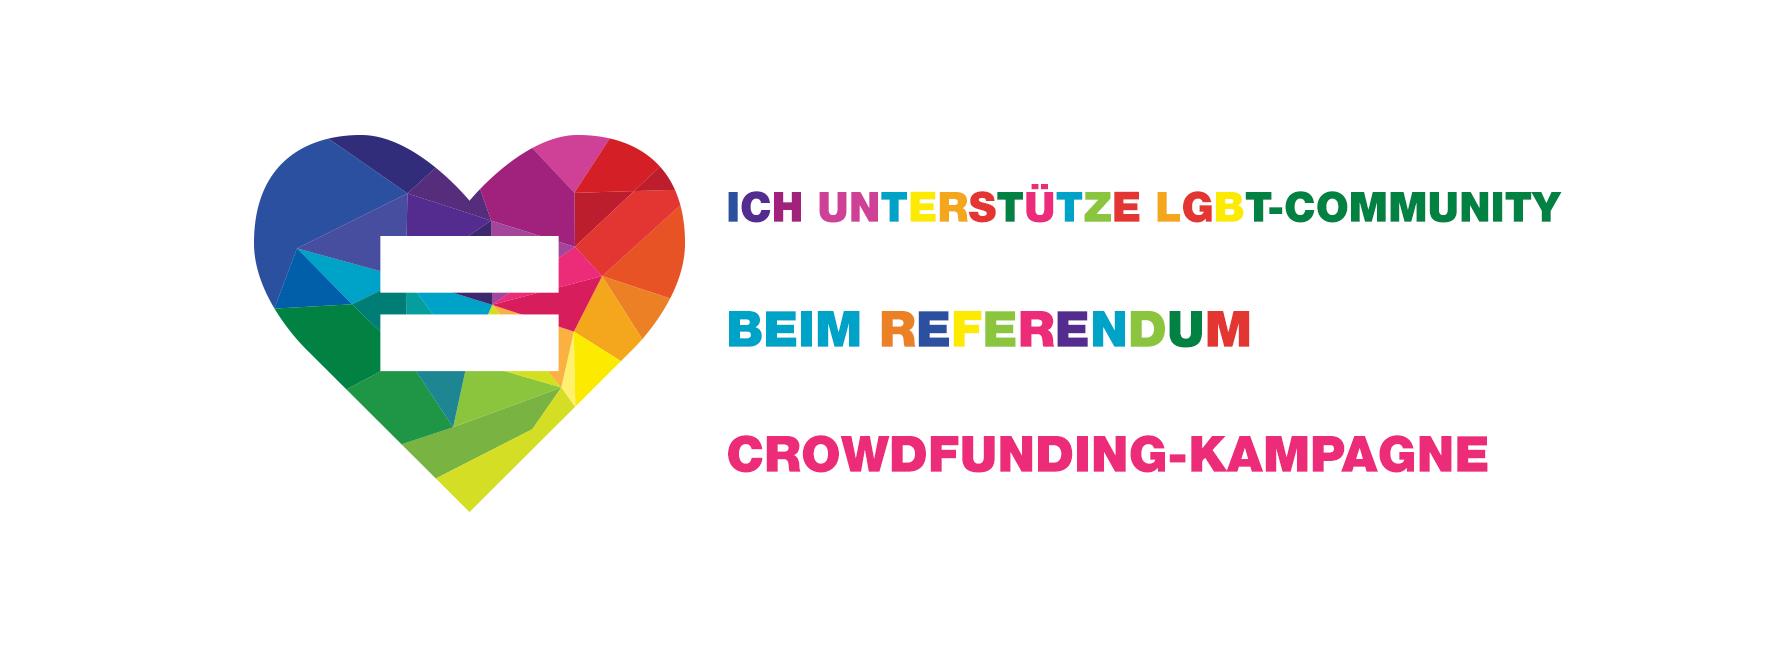 Crowdfunding-Kampagne: Unterstütz die LGBT-Community in Rumänien